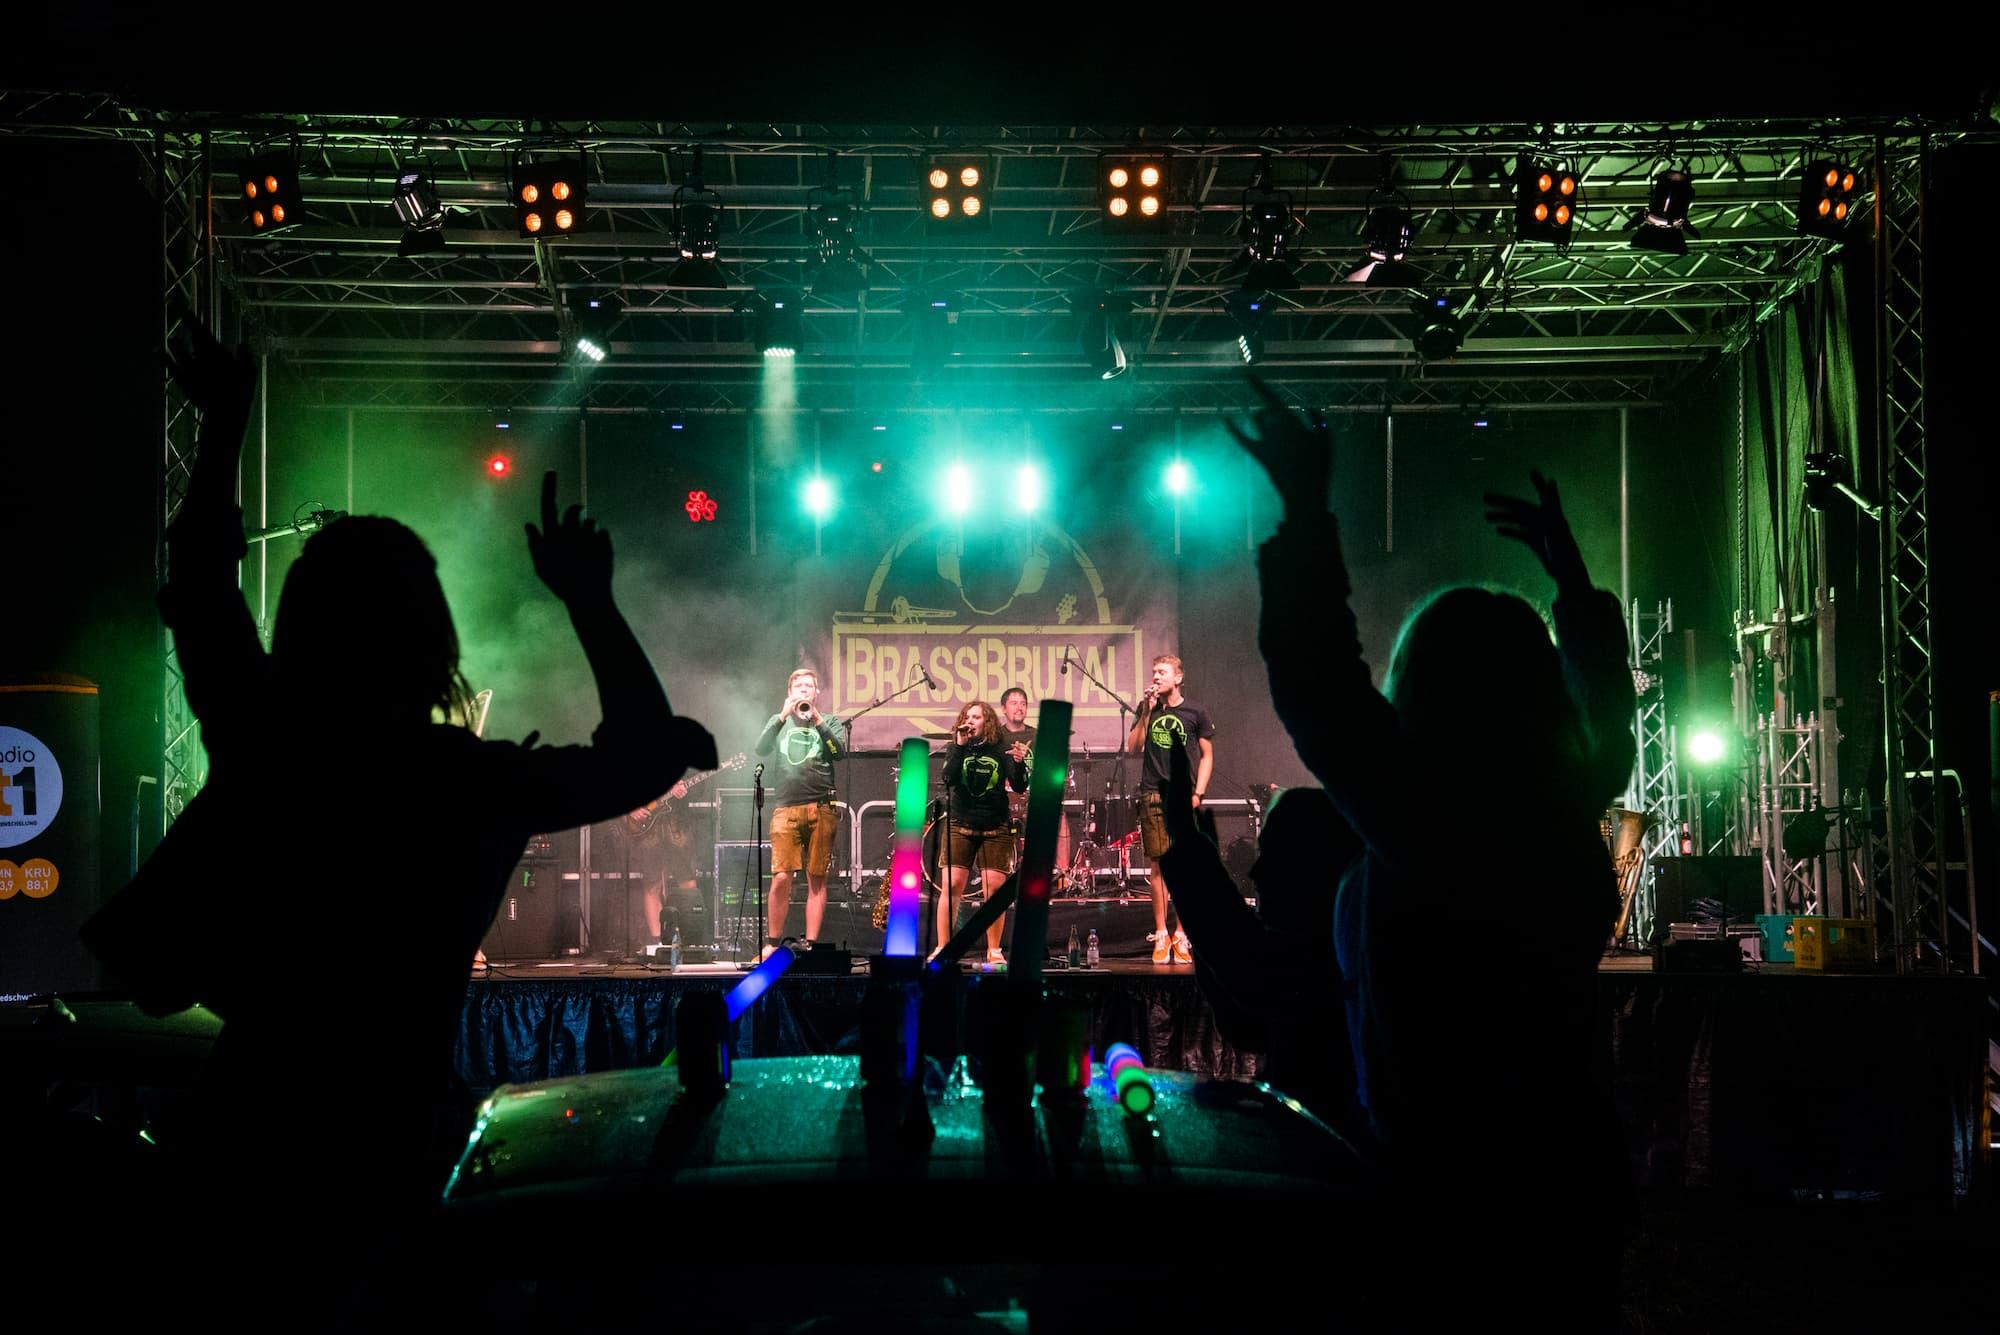 BrassBrutal live auf der Bühne beim Autokinokonzert. Menschen tanzen in den Autos.